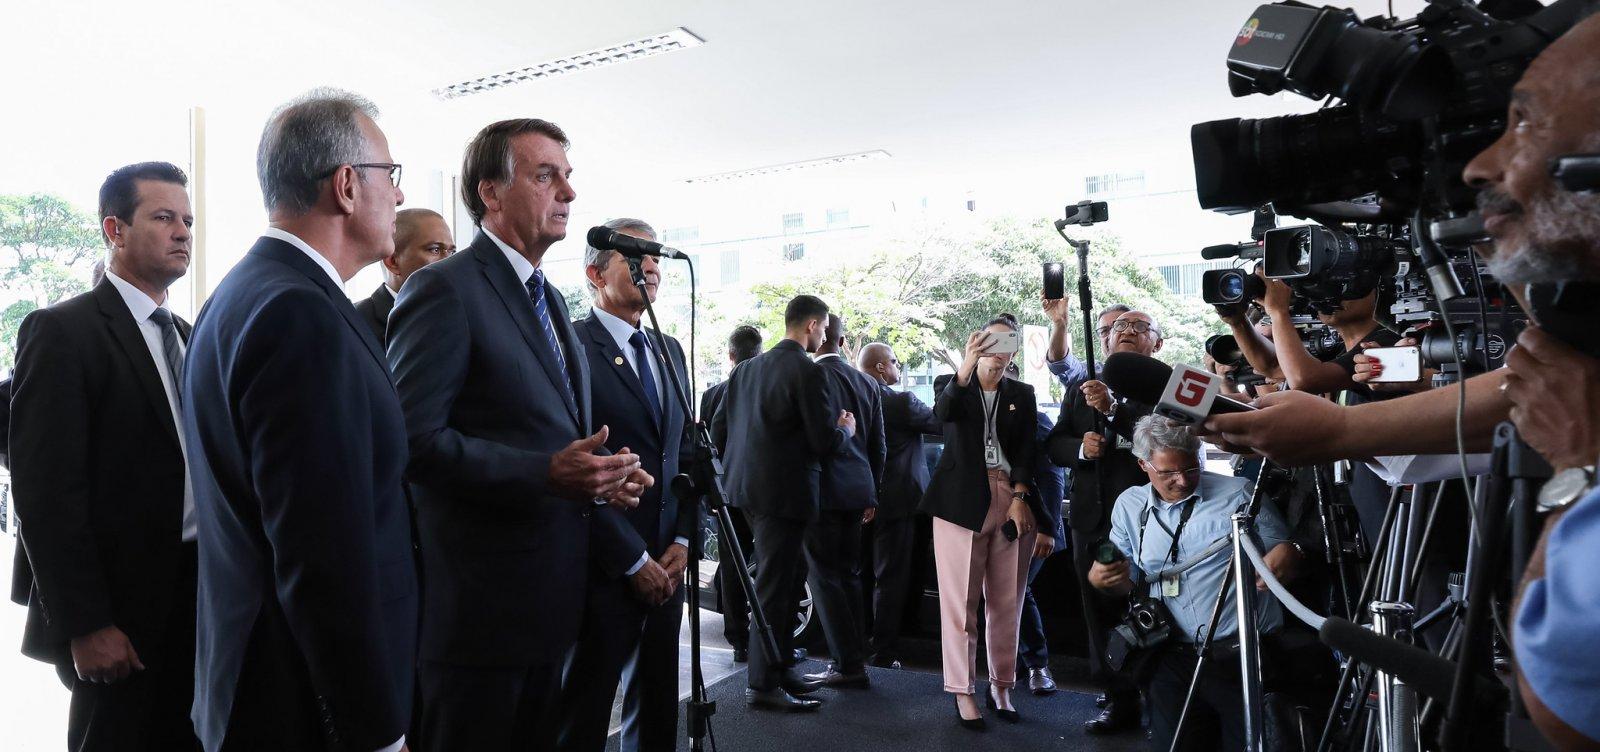 [Bolsonaro diz que imprensa 'tem medo da verdade', 'deturpa' e 'mente']